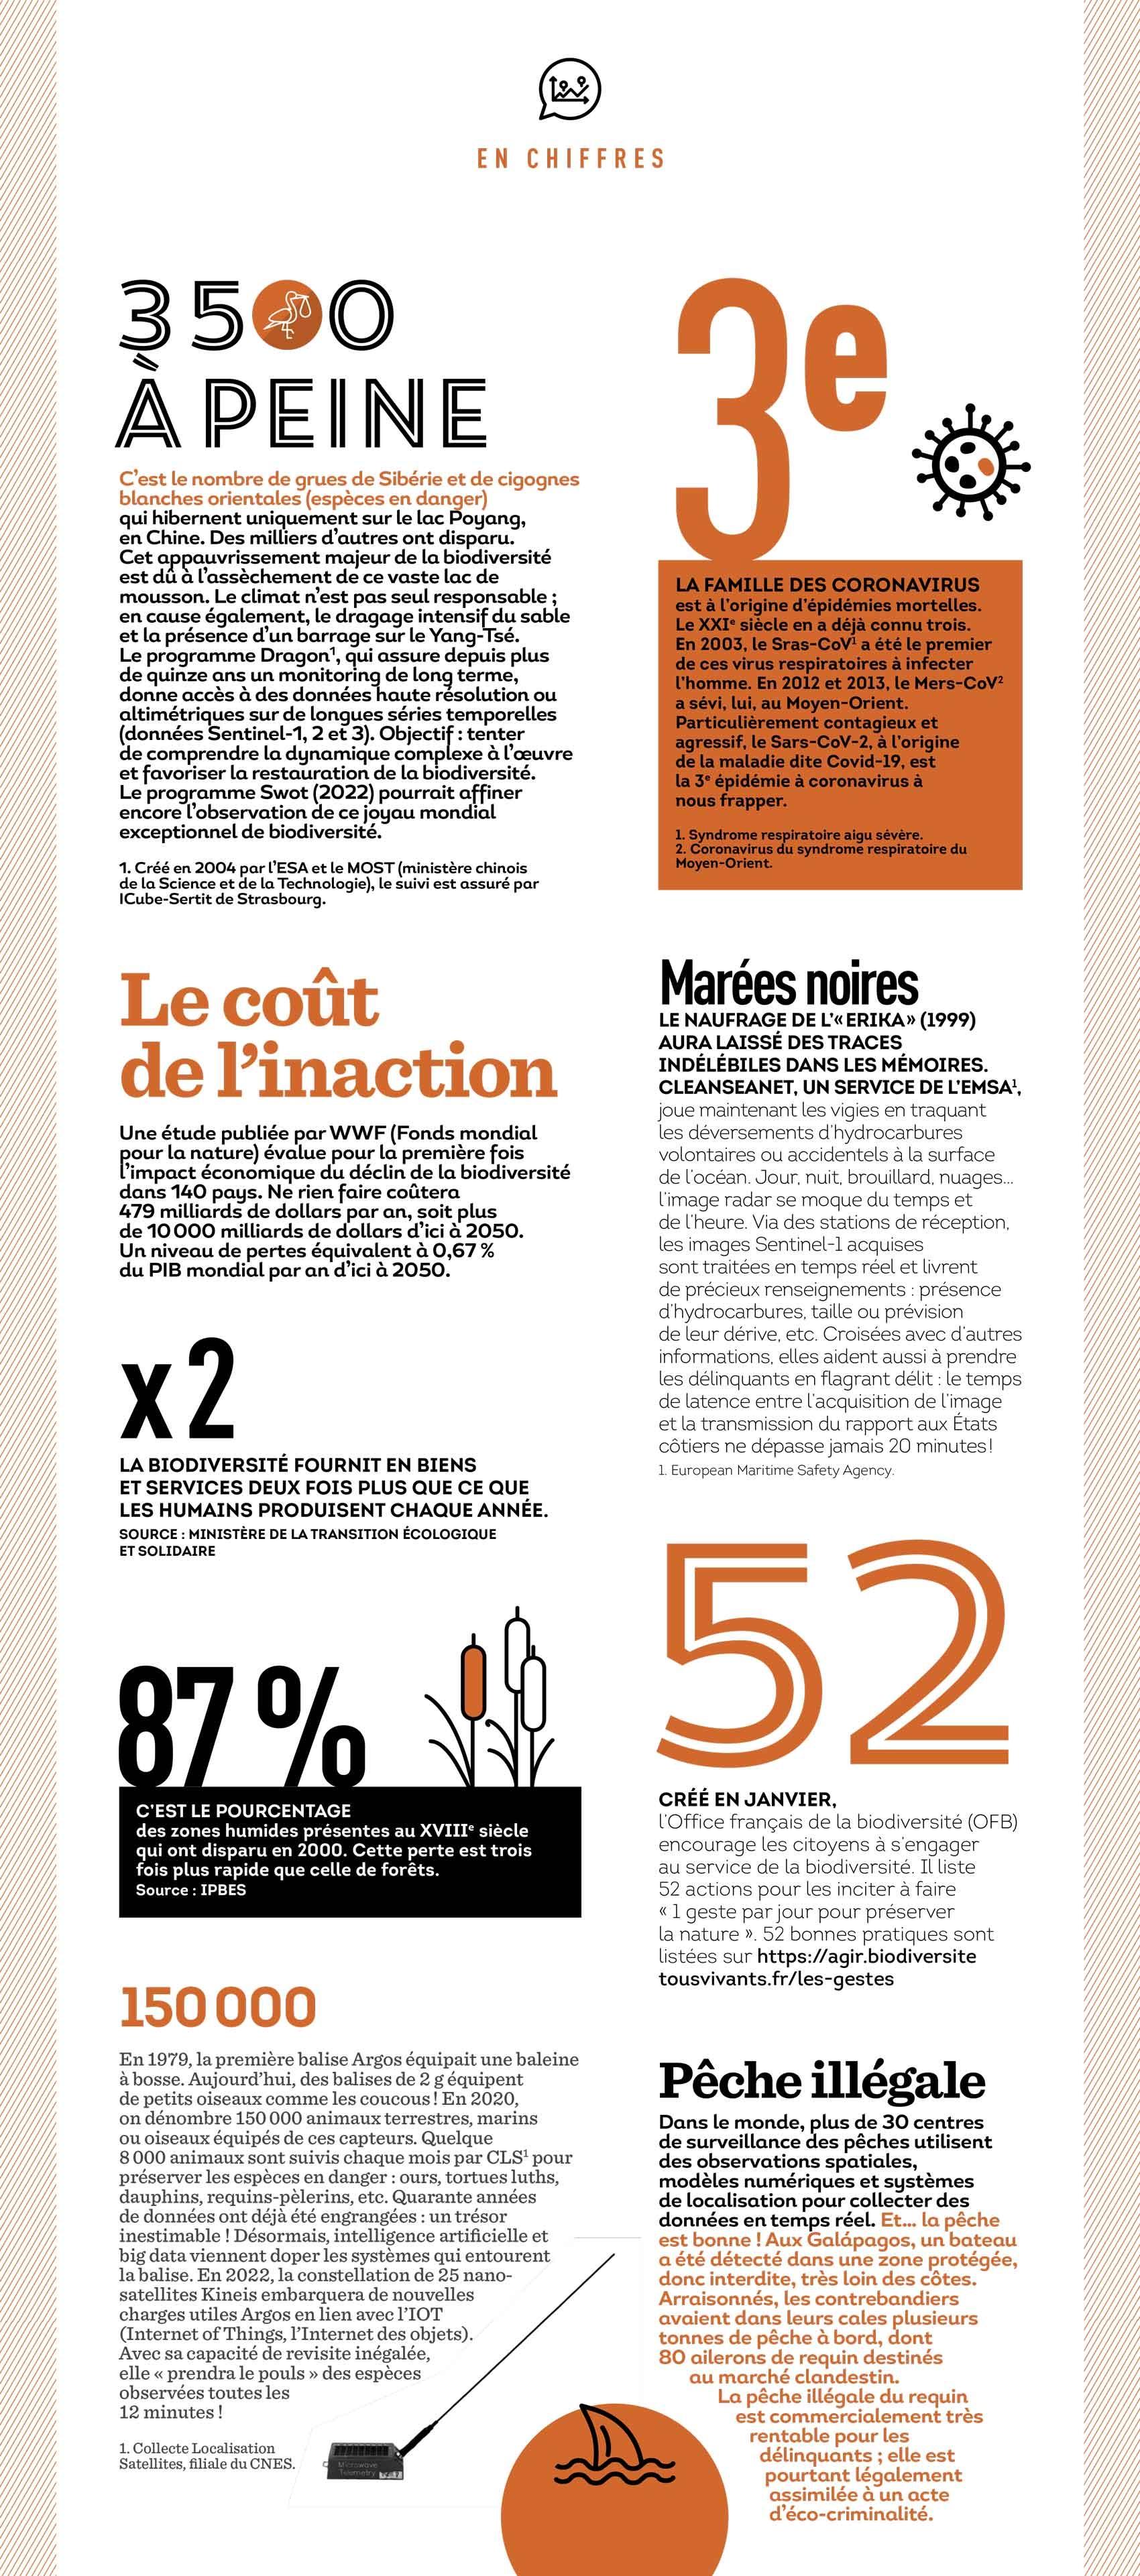 is_cnesmag_84_fr_chiffres_web.jpg